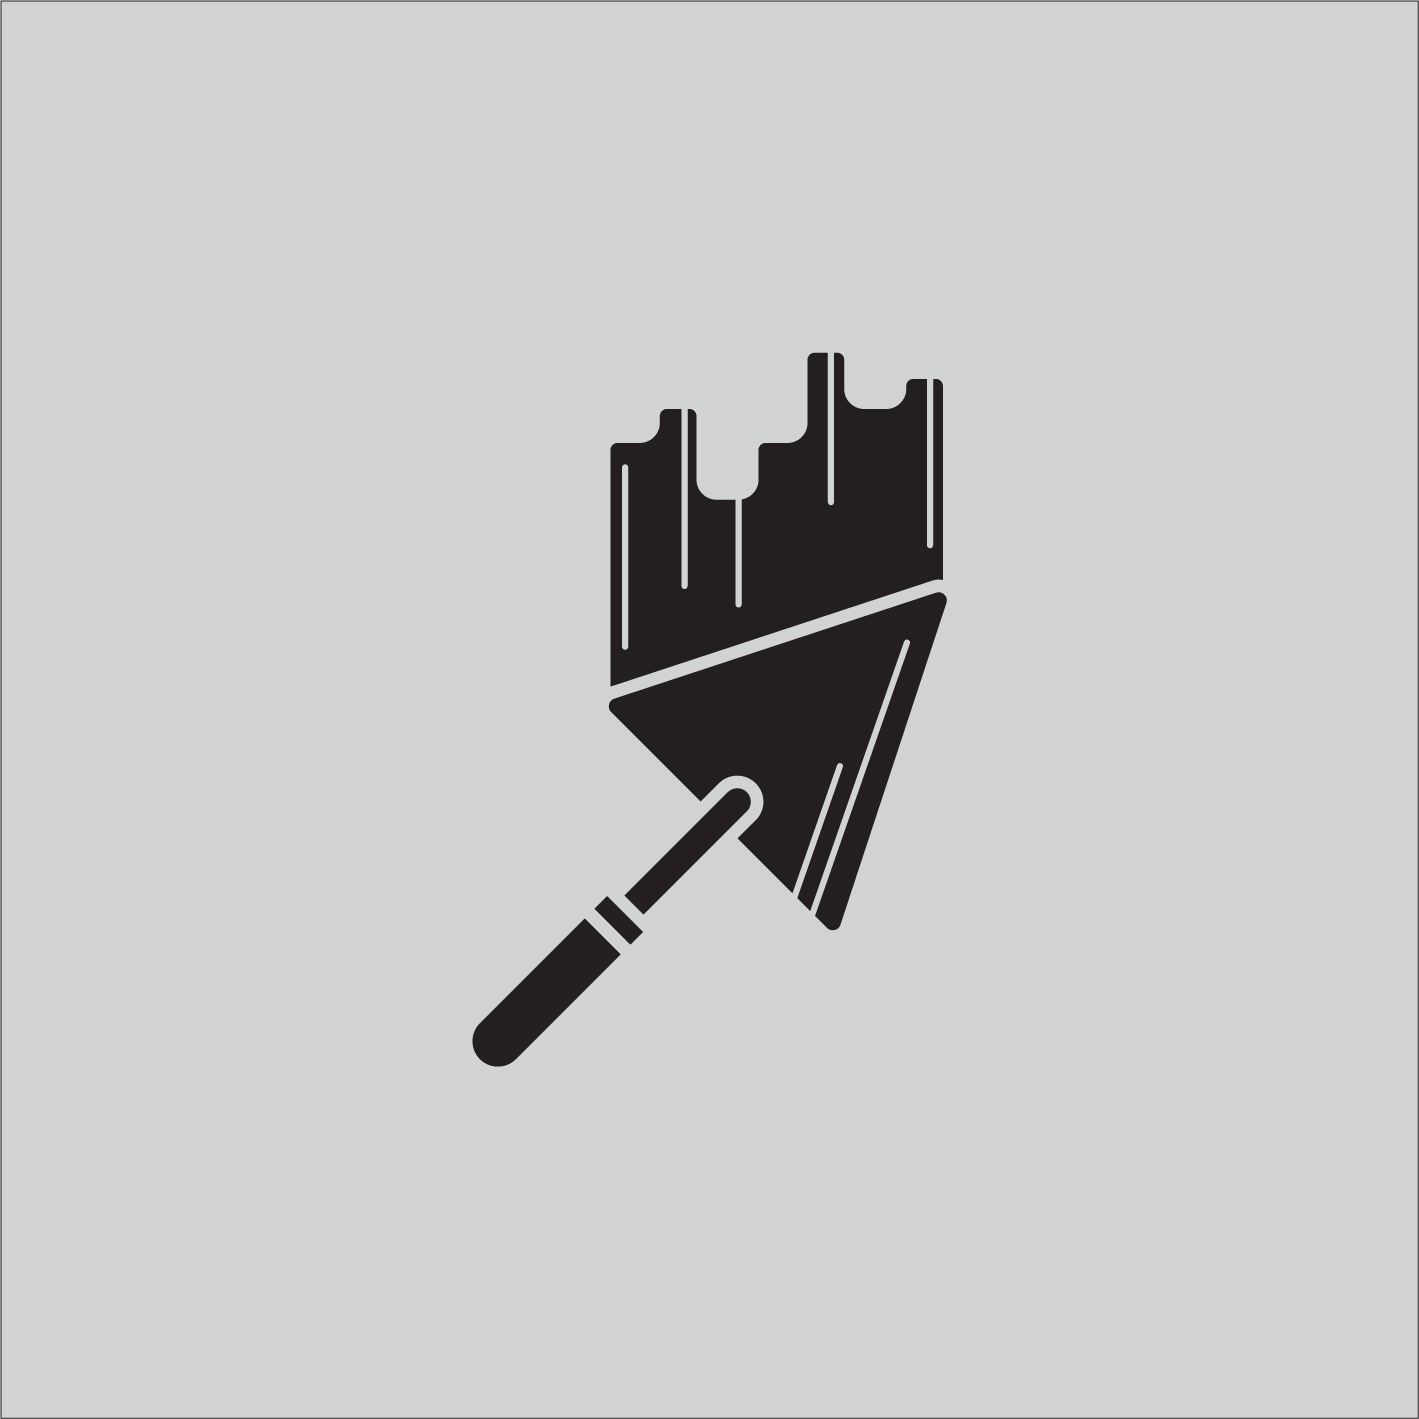 Preços para Fabricar Bloco de Concreto em Caieiras - Preços de Blocos de Concreto - Concreto São Paulo